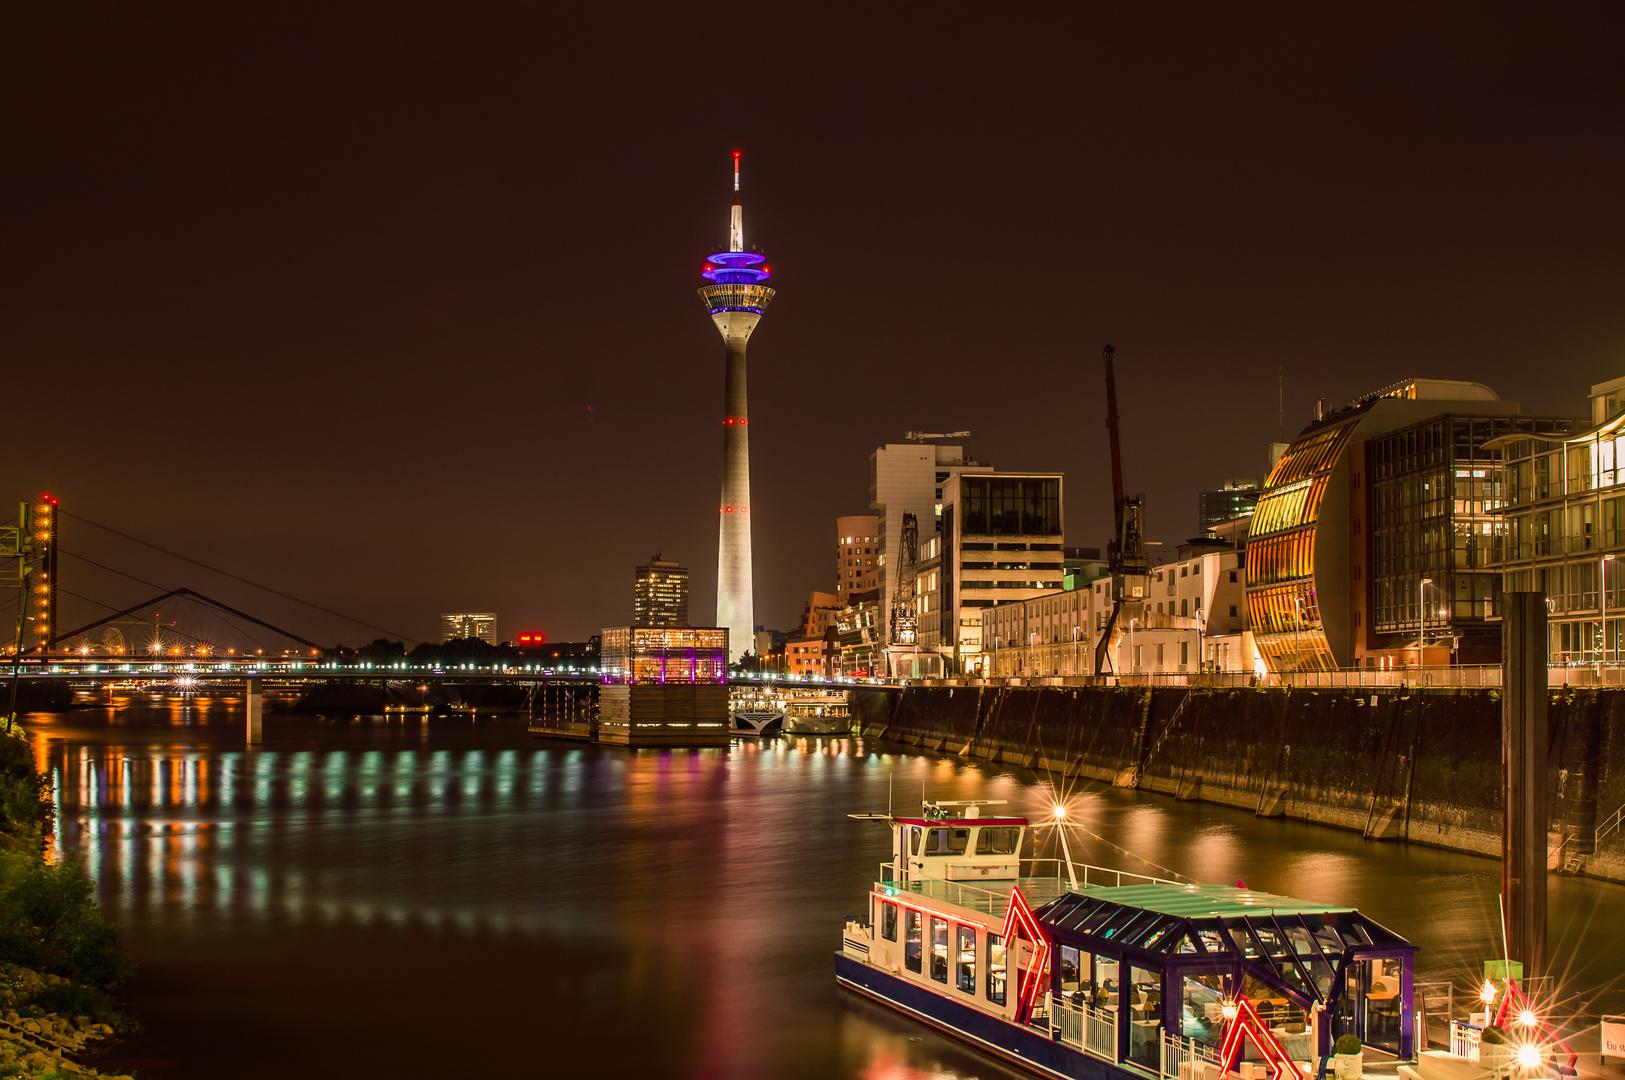 Abends im Medien Hafen Düsseldorf